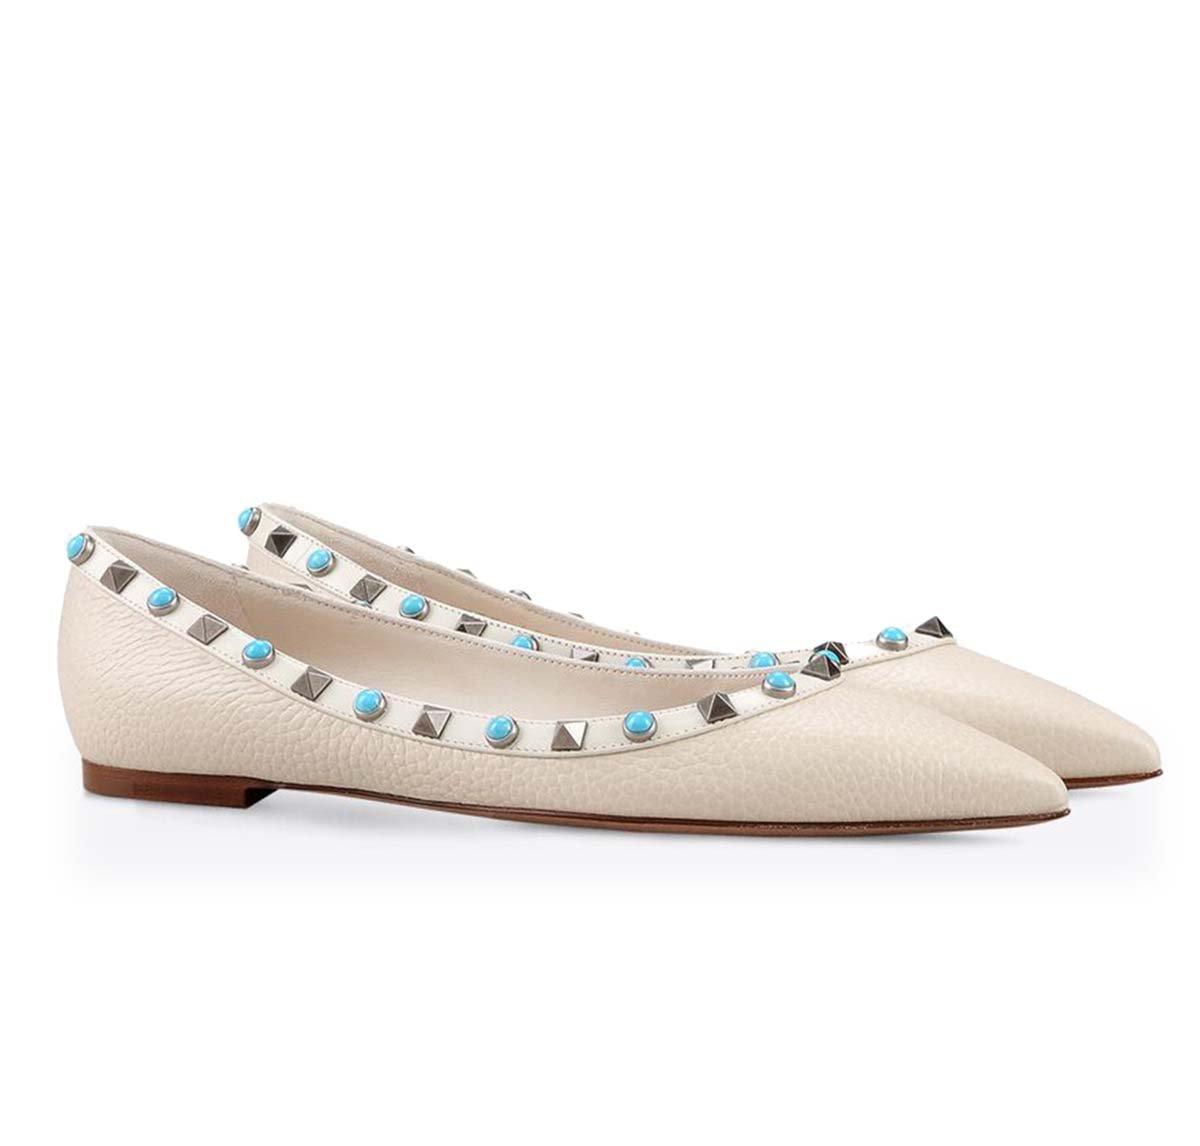 GONGFF Flache Spitze Niet Schuhe Frauen Ballett Schuhe Pumpe Sandalen,#3,36  36|#3